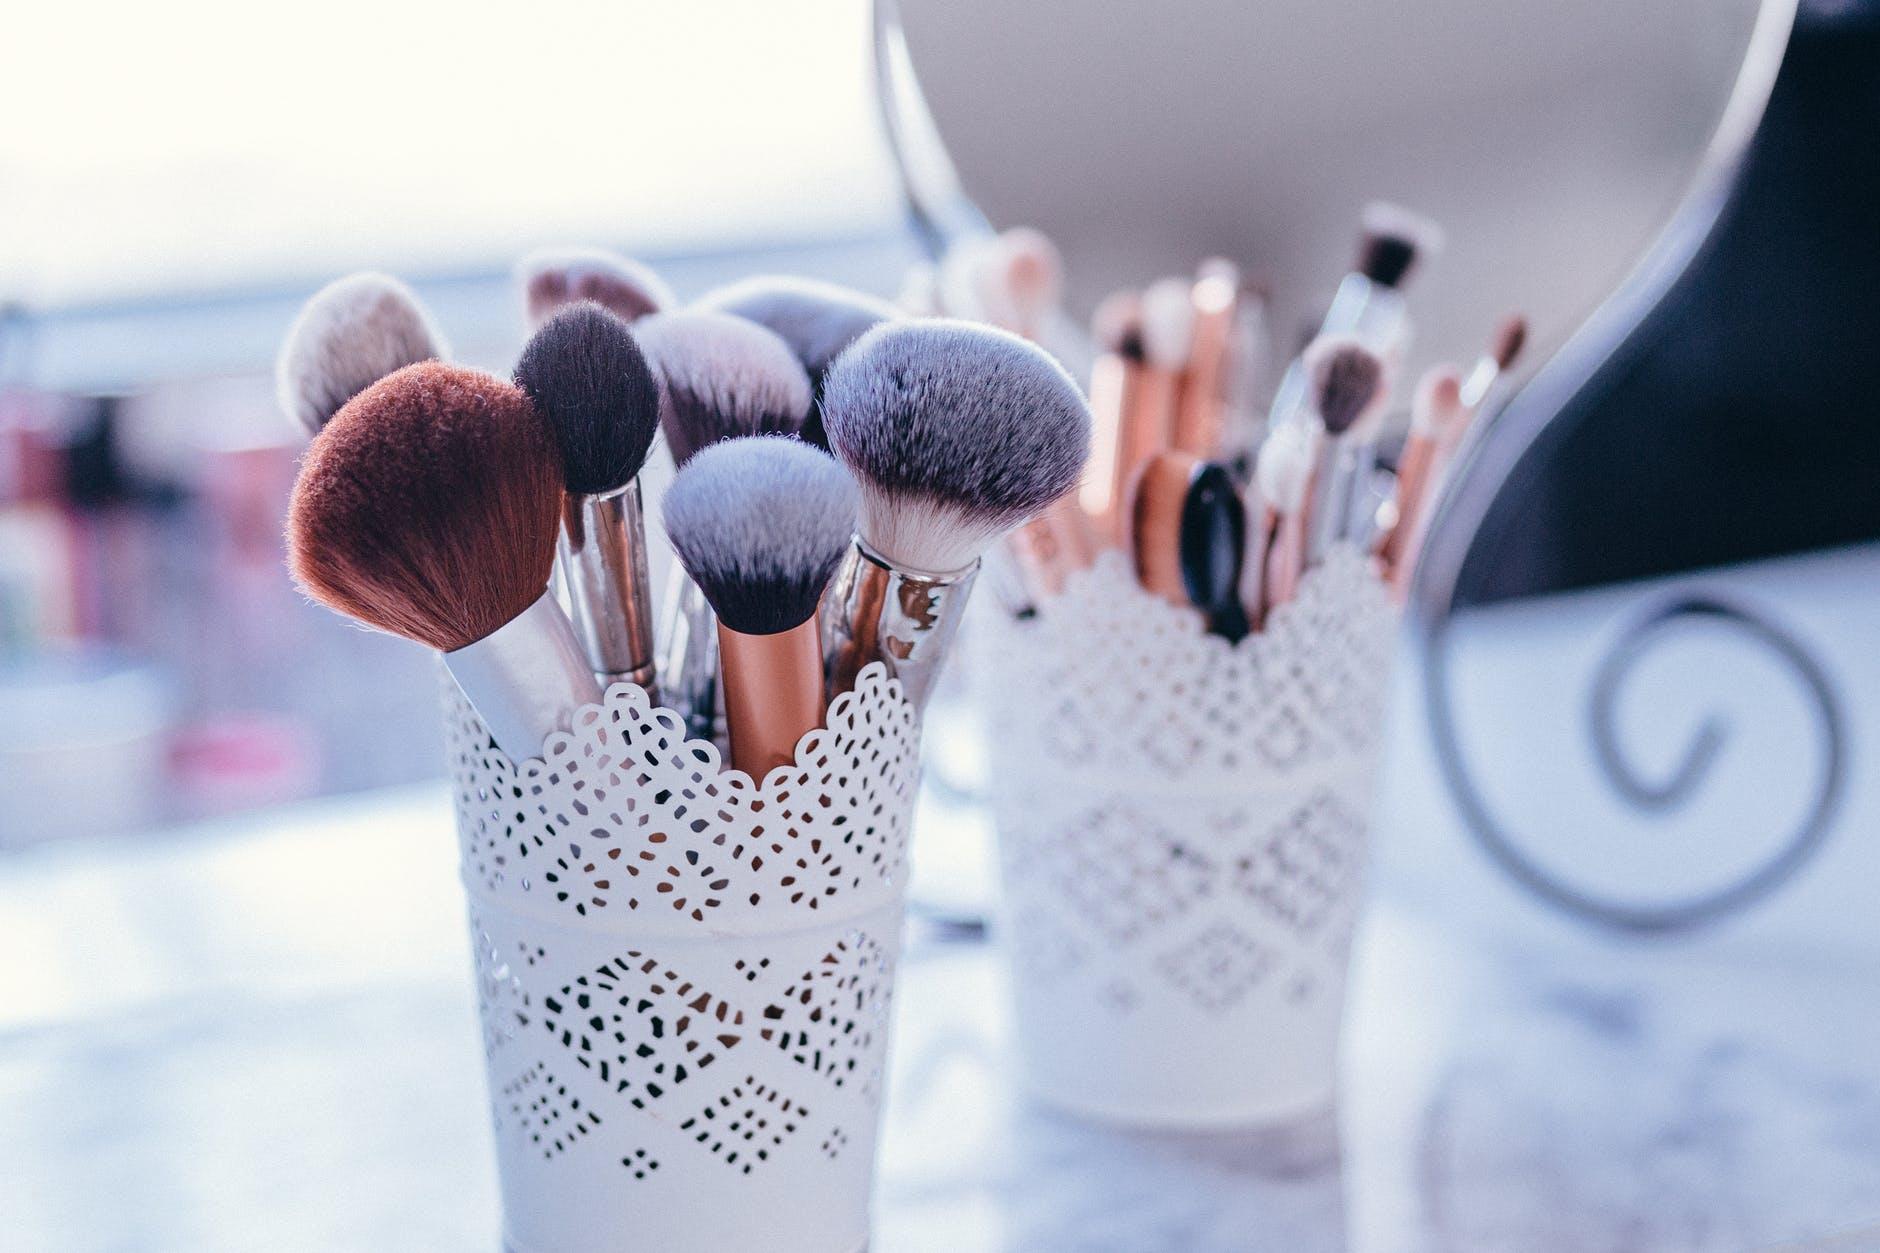 assorted beauty blur business